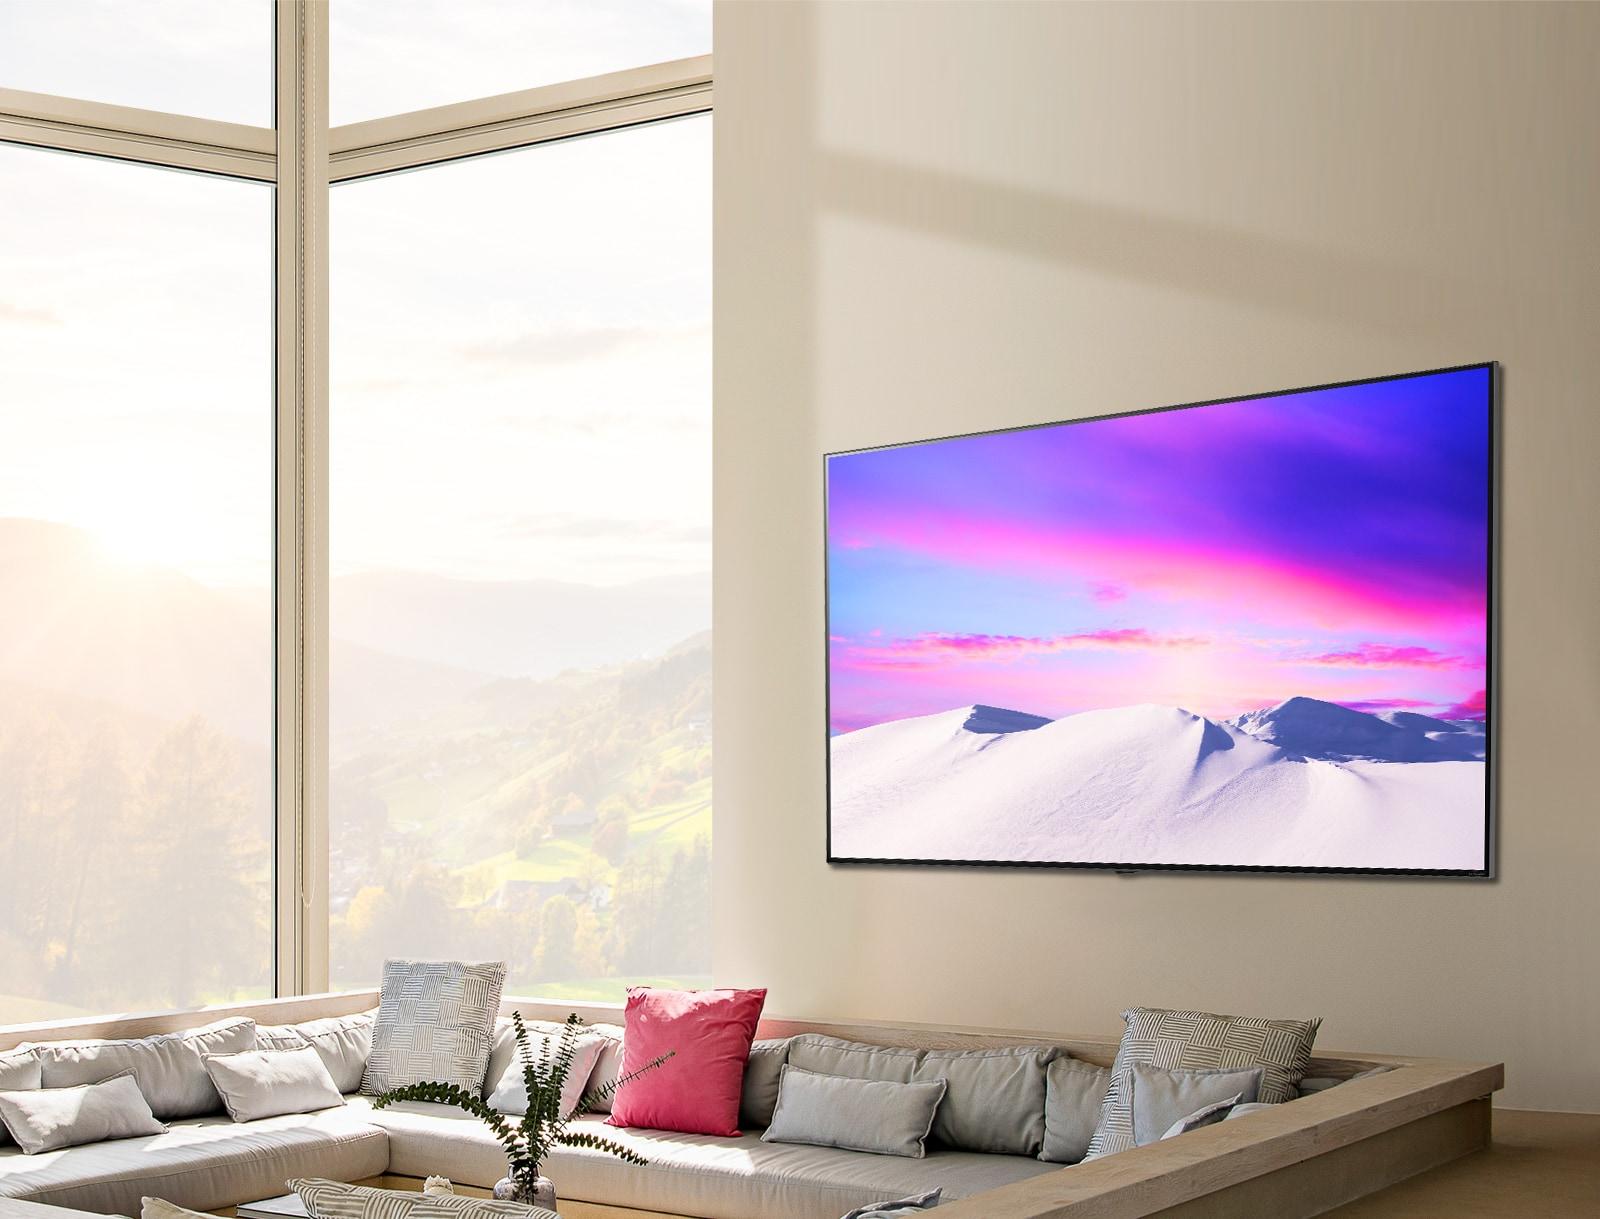 Adegan yang menunjukkan LG NanoCell TV besar dan ramping tergantung rata di dinding.